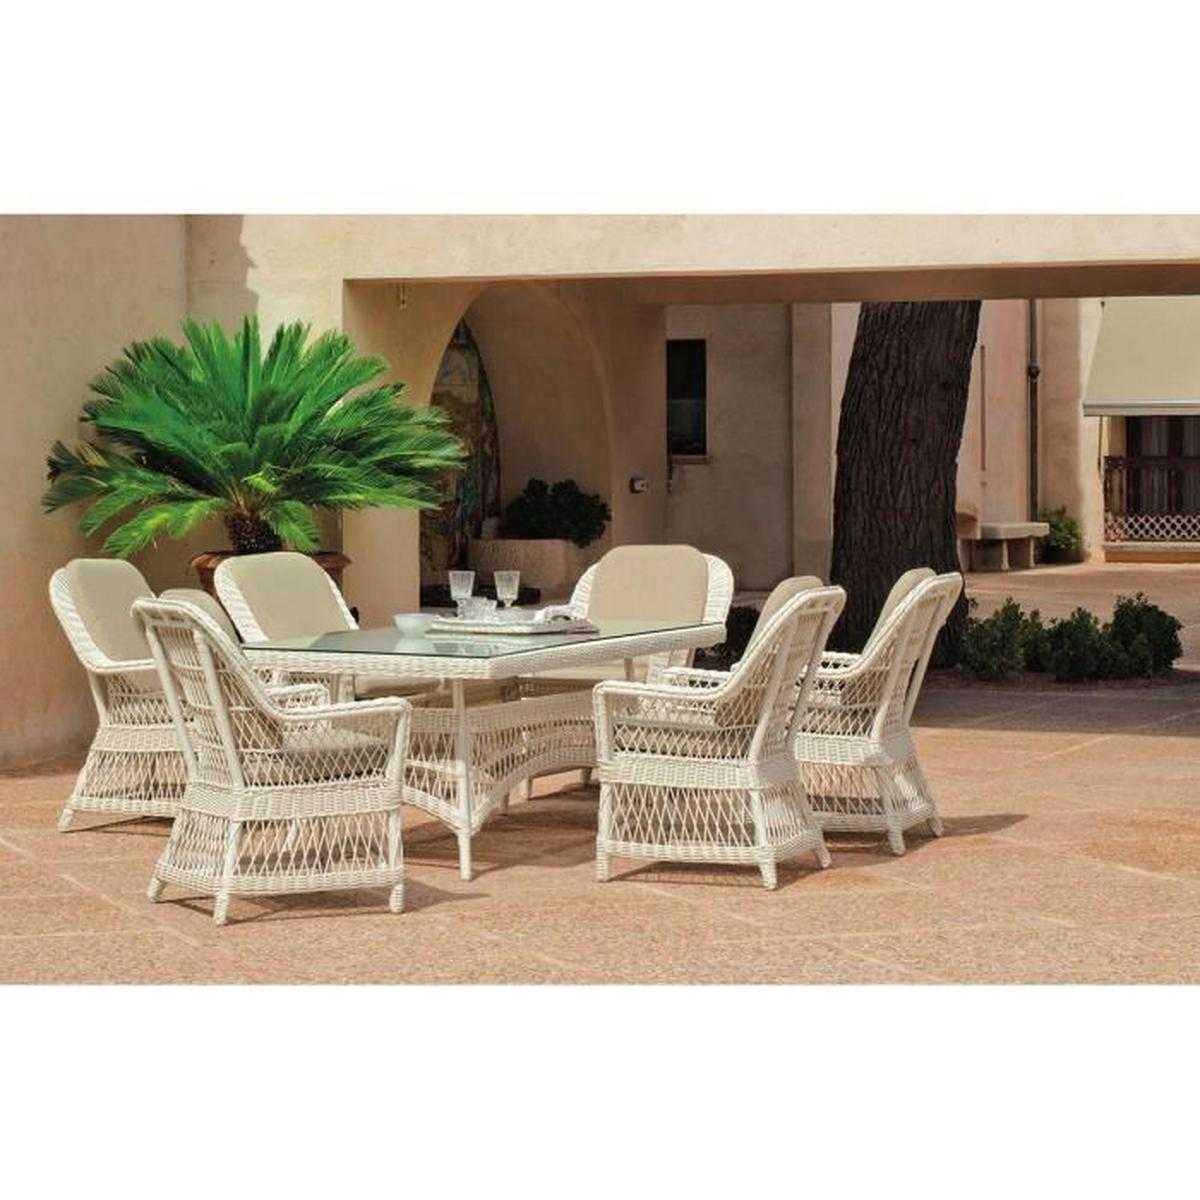 salon de jardin beige inspirant de fauteuil de jardin en resine de fauteuil de jardin en resine